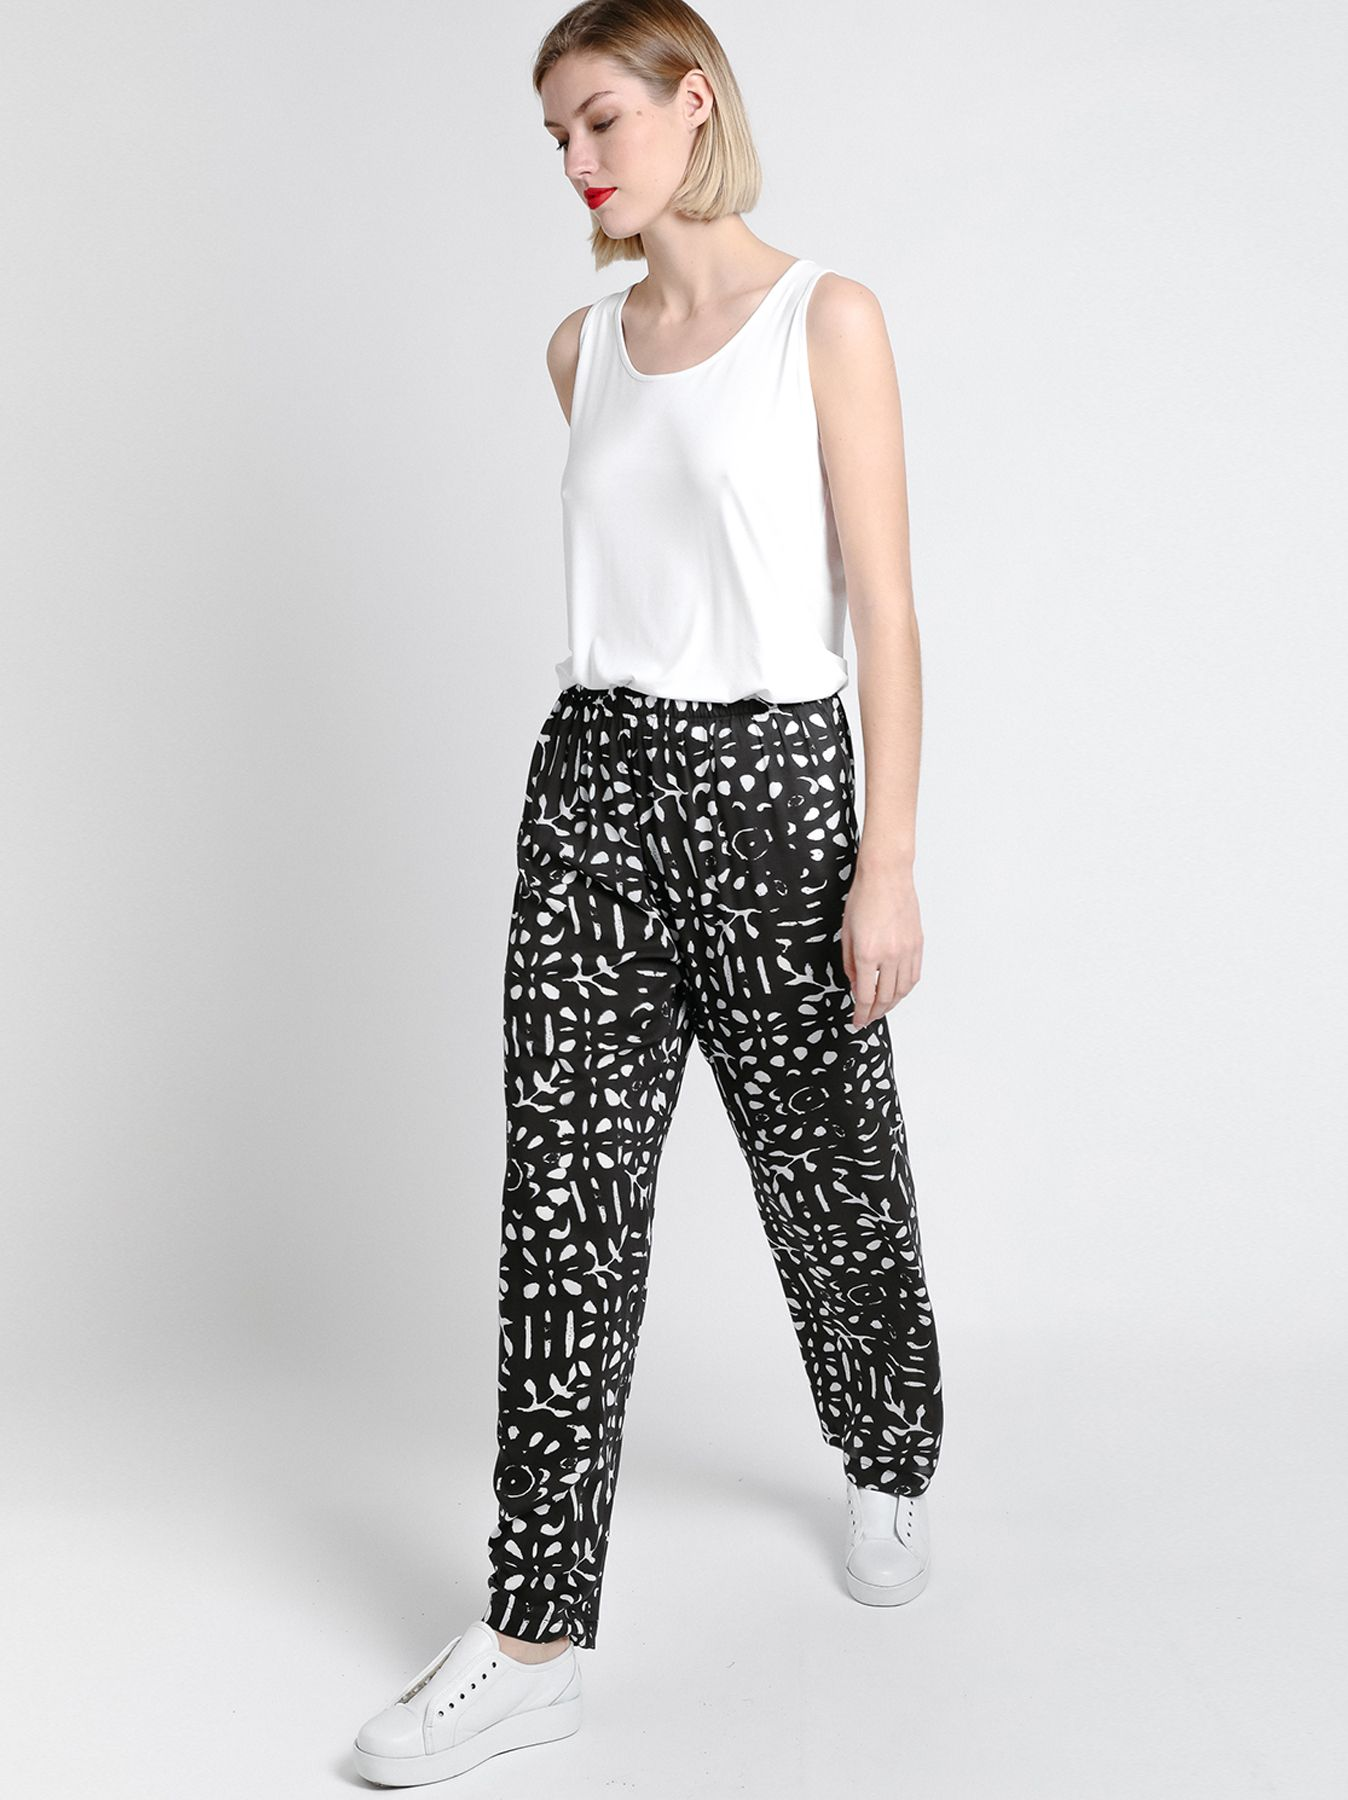 Pantalone morbido in viscosa stampata